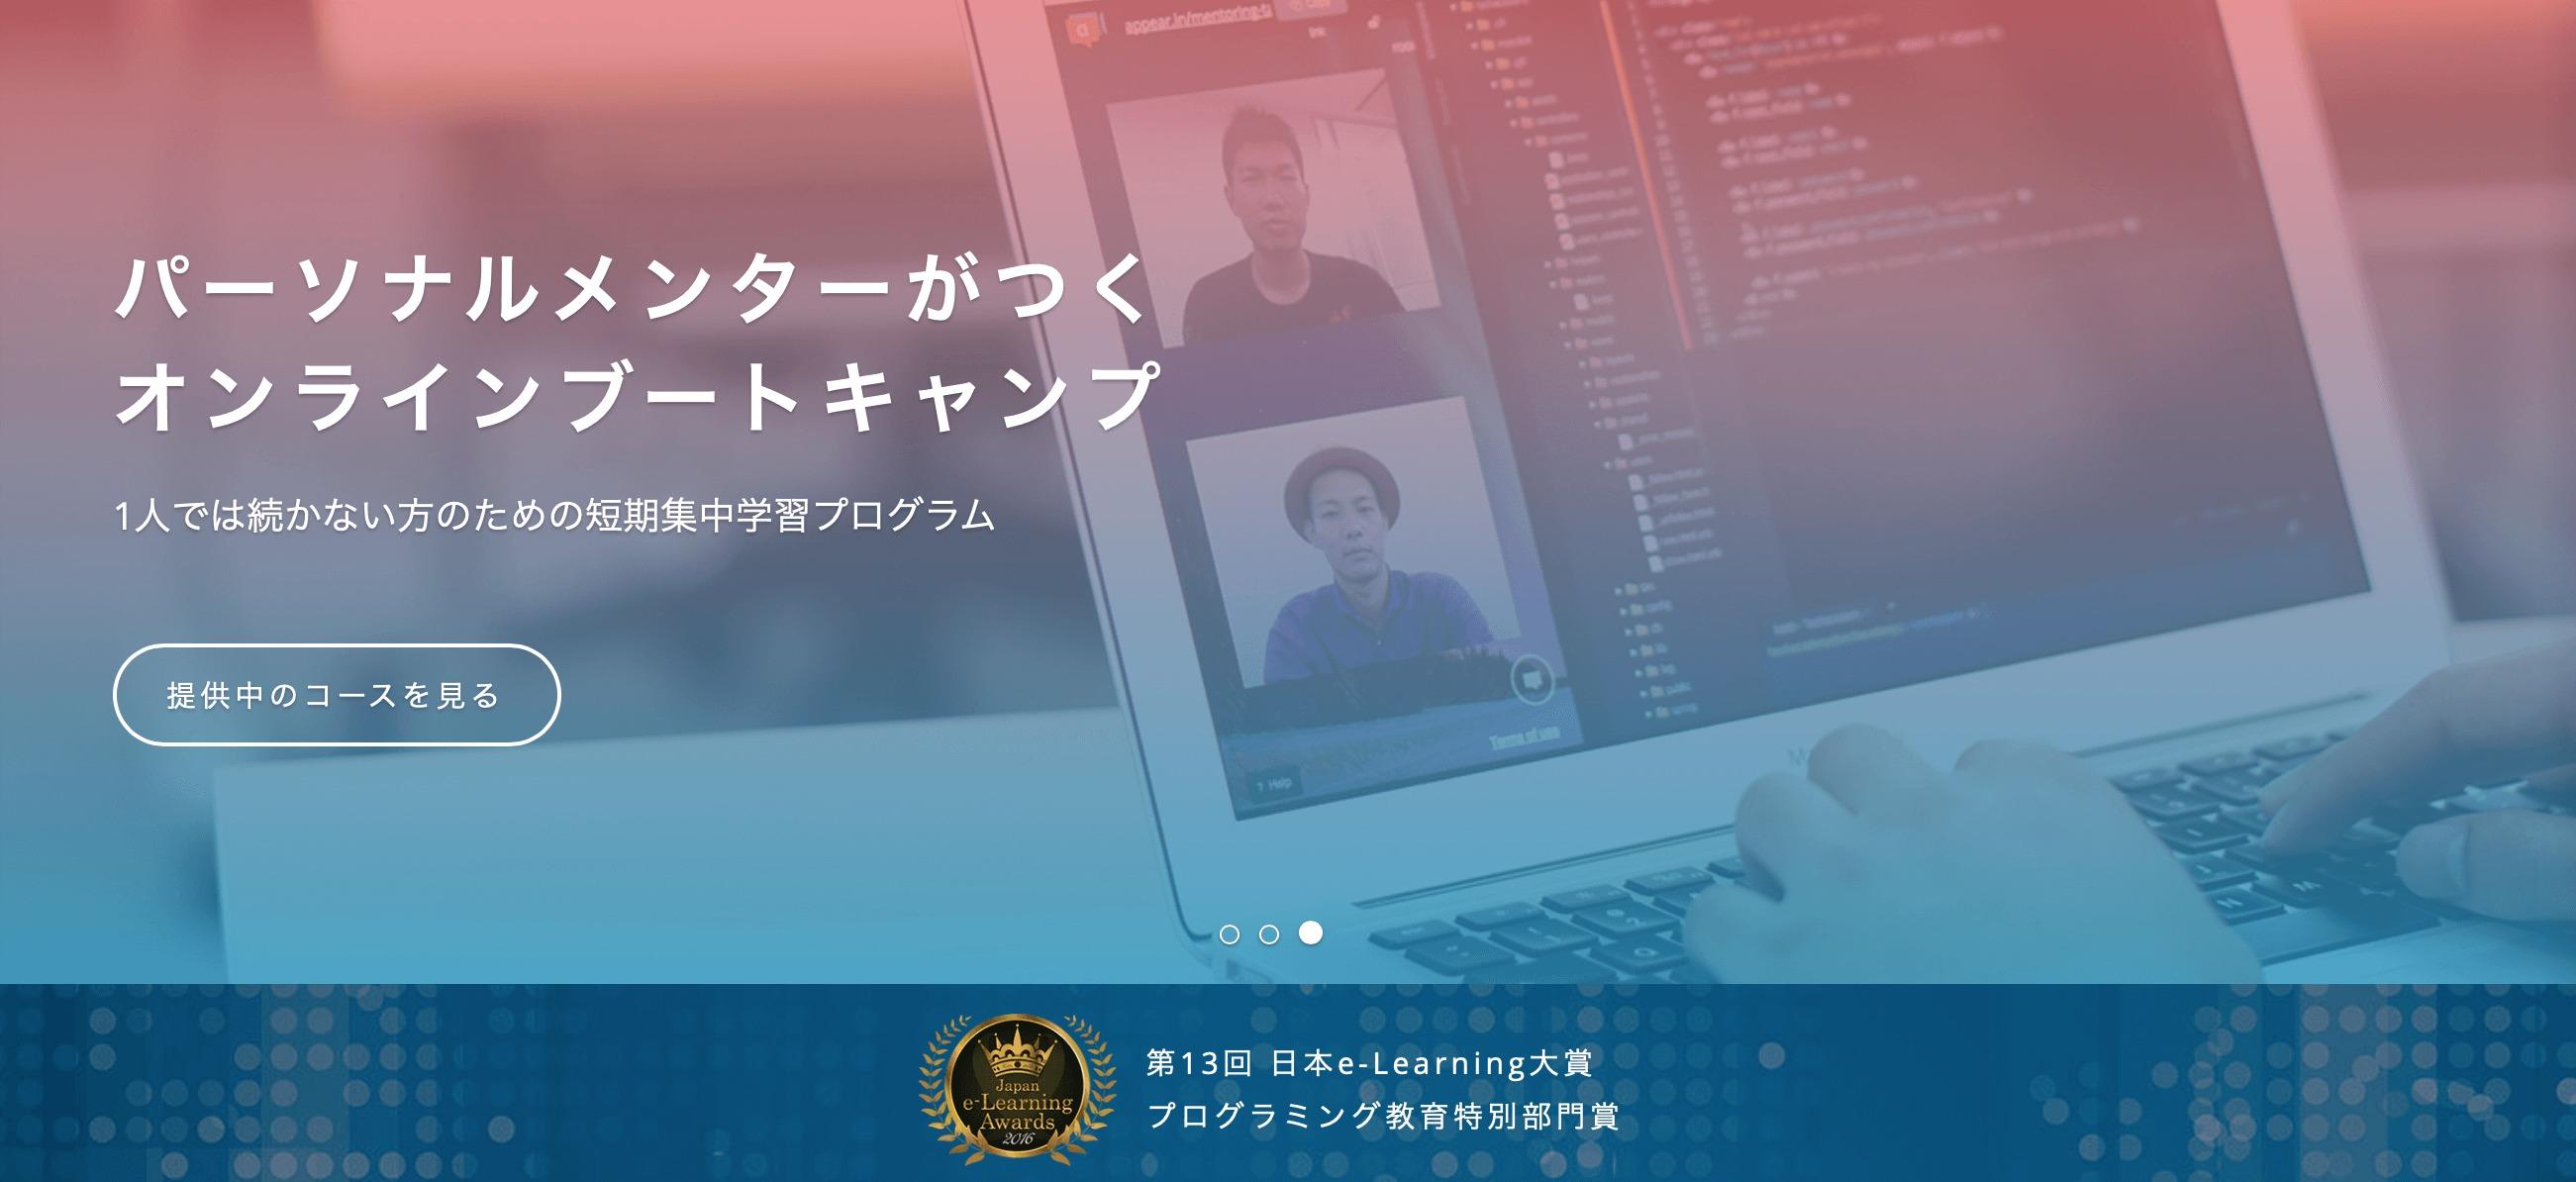 自宅からオンラインで学べるプログラミングスクール5選